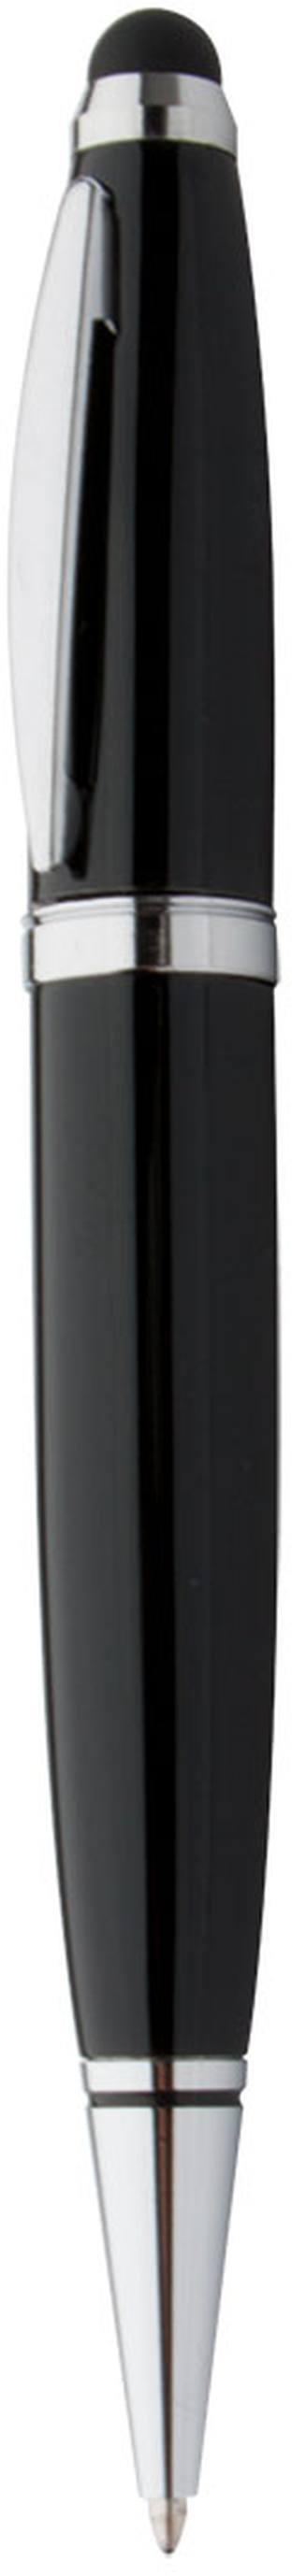 Latrex 32GB USB dotykové pero